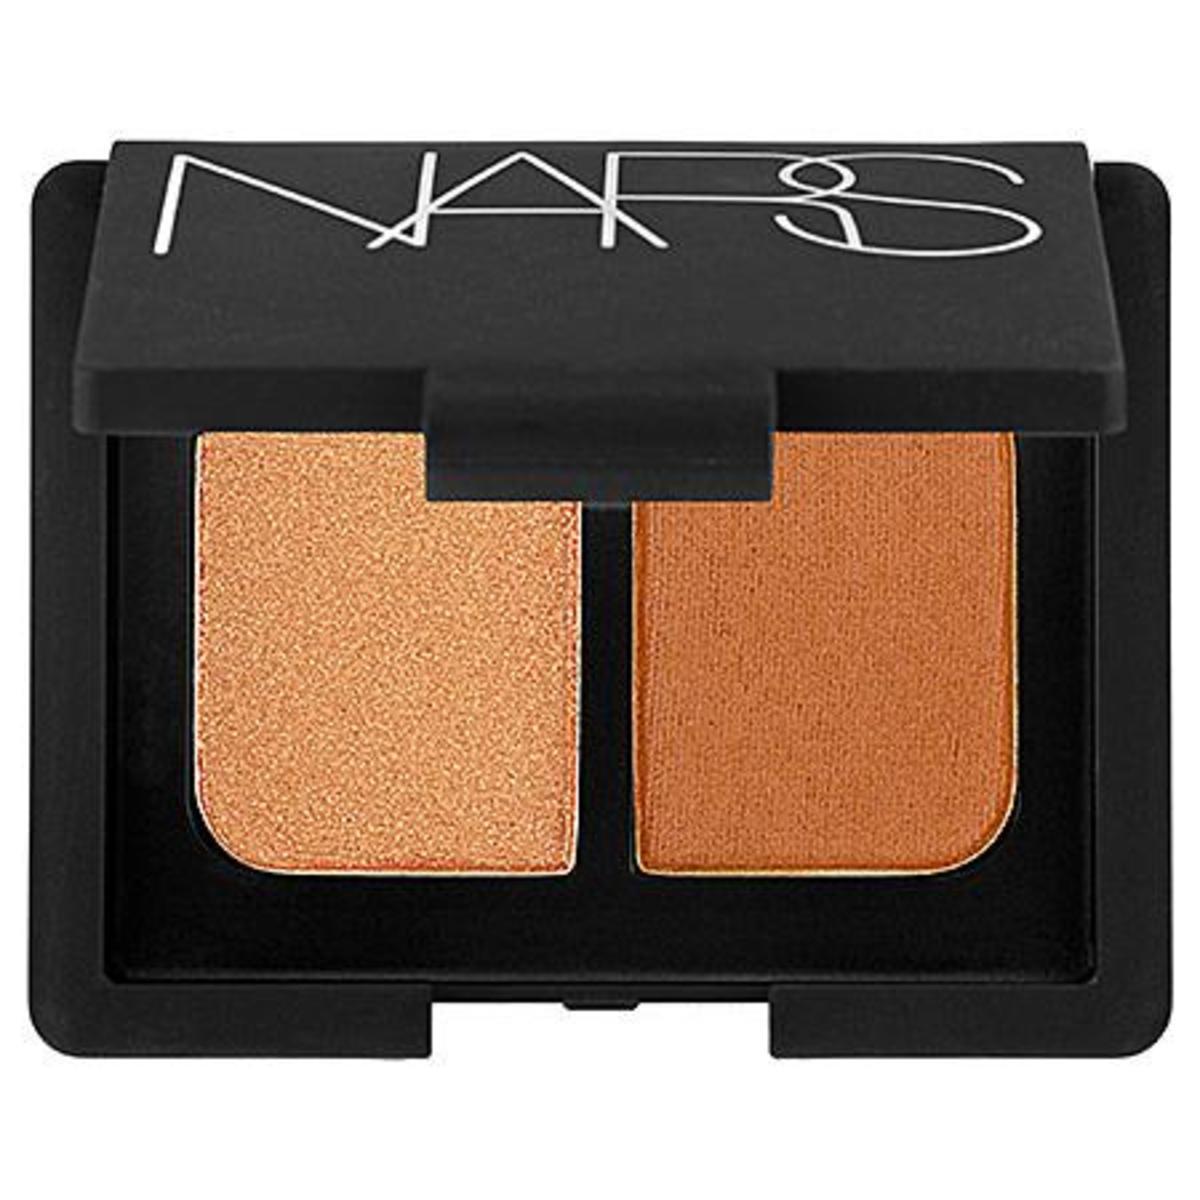 NARS Duo Eyeshadow in Isolde (2)